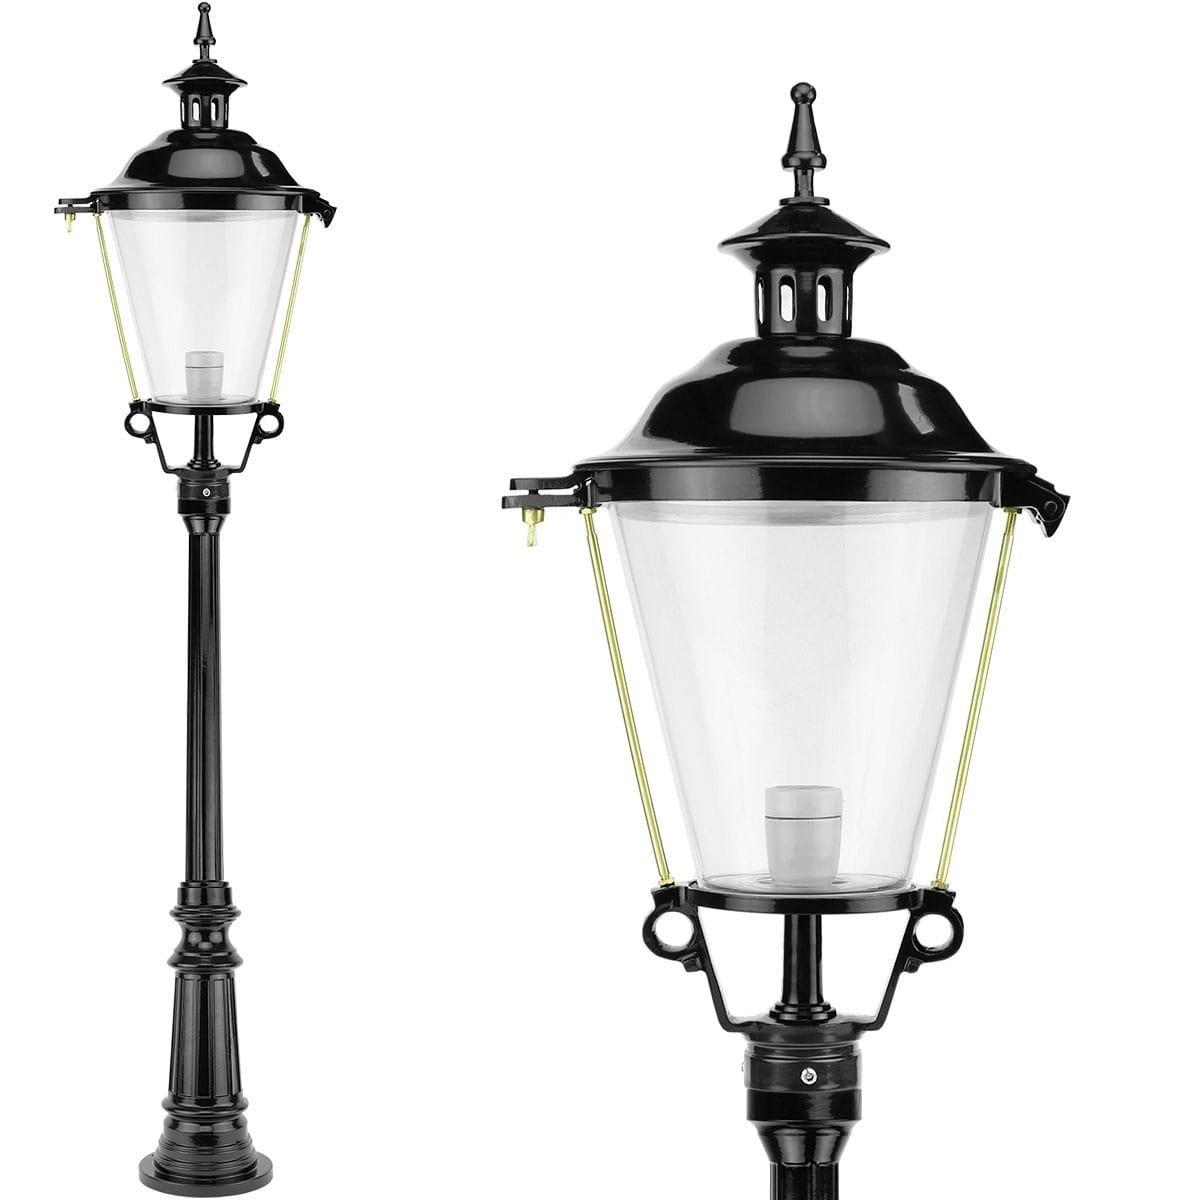 Außenleuchten Klassisch Ländlich Laterne lampe hoch Bruggerhuizen - 162 cm